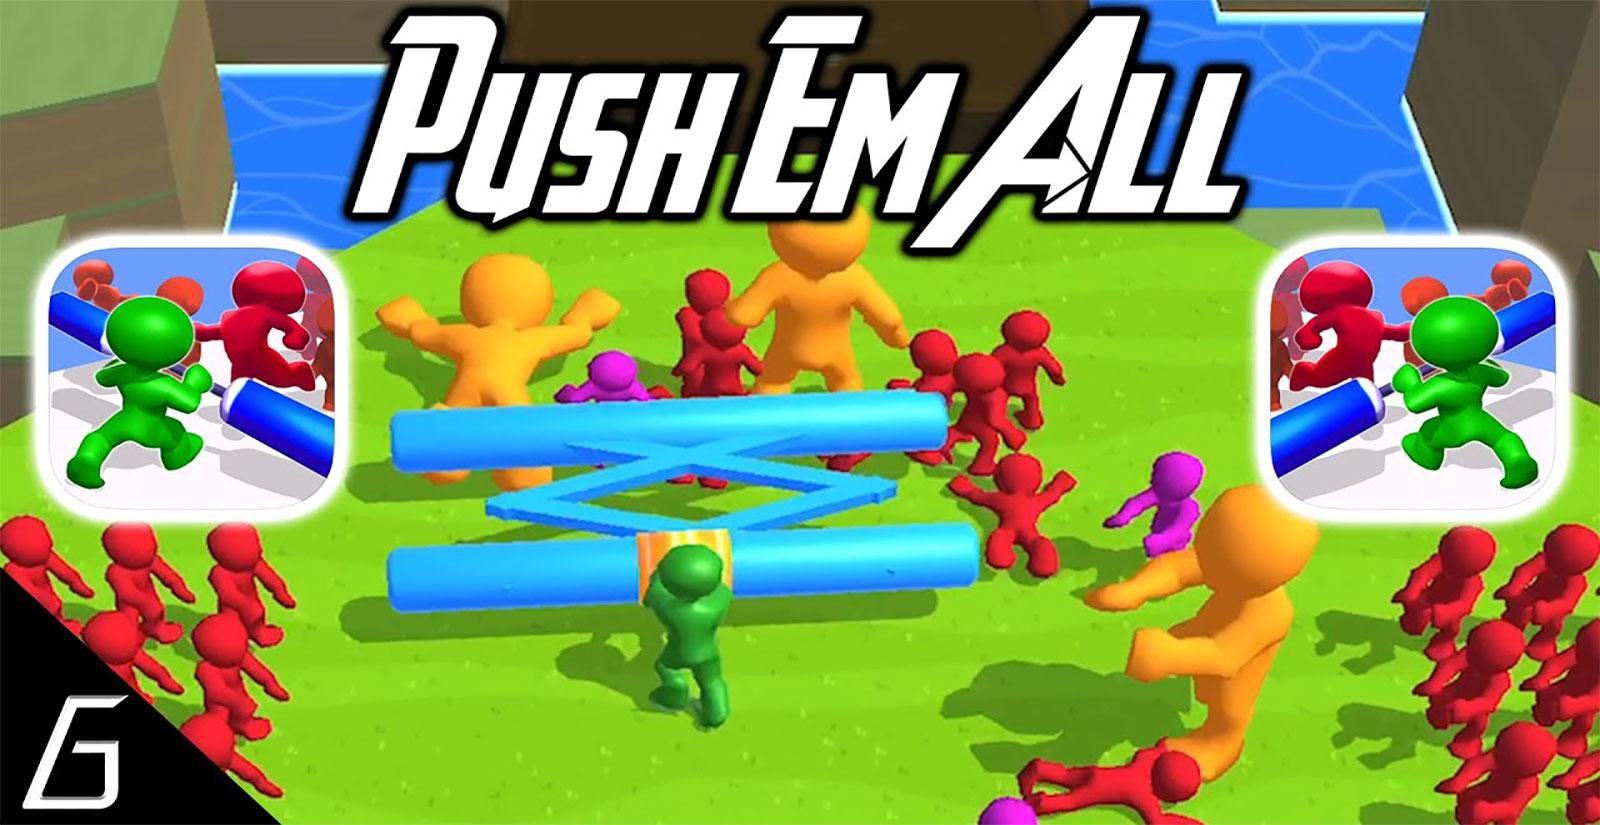 push'em all mod apk